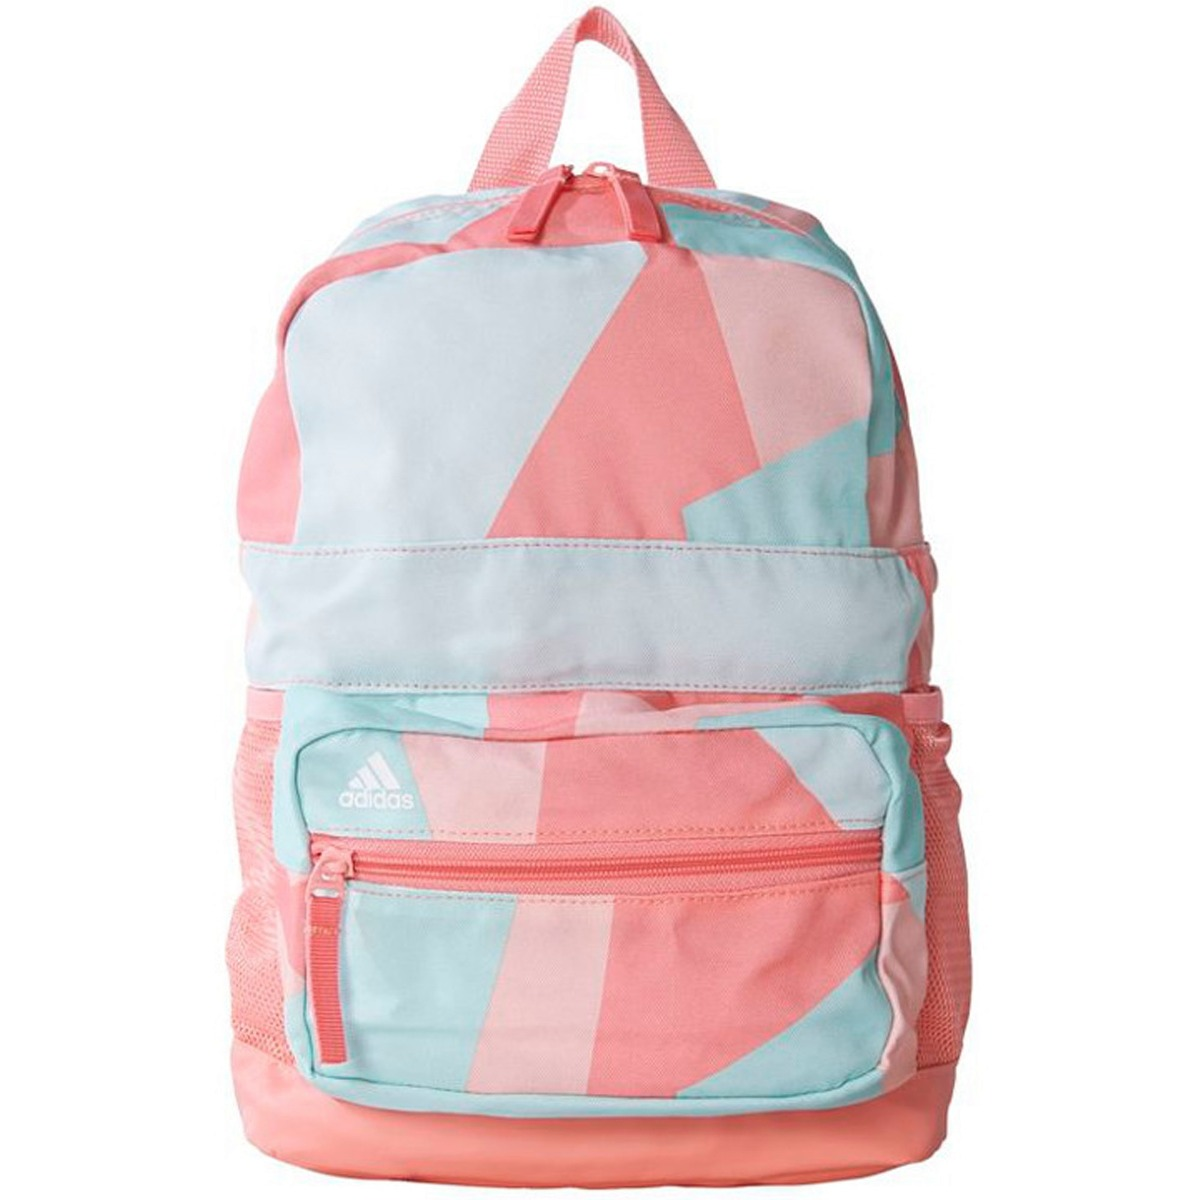 Adidas Mochila Backpack Niña Graphic Training Sport Ay5112 TKcF1Jl3